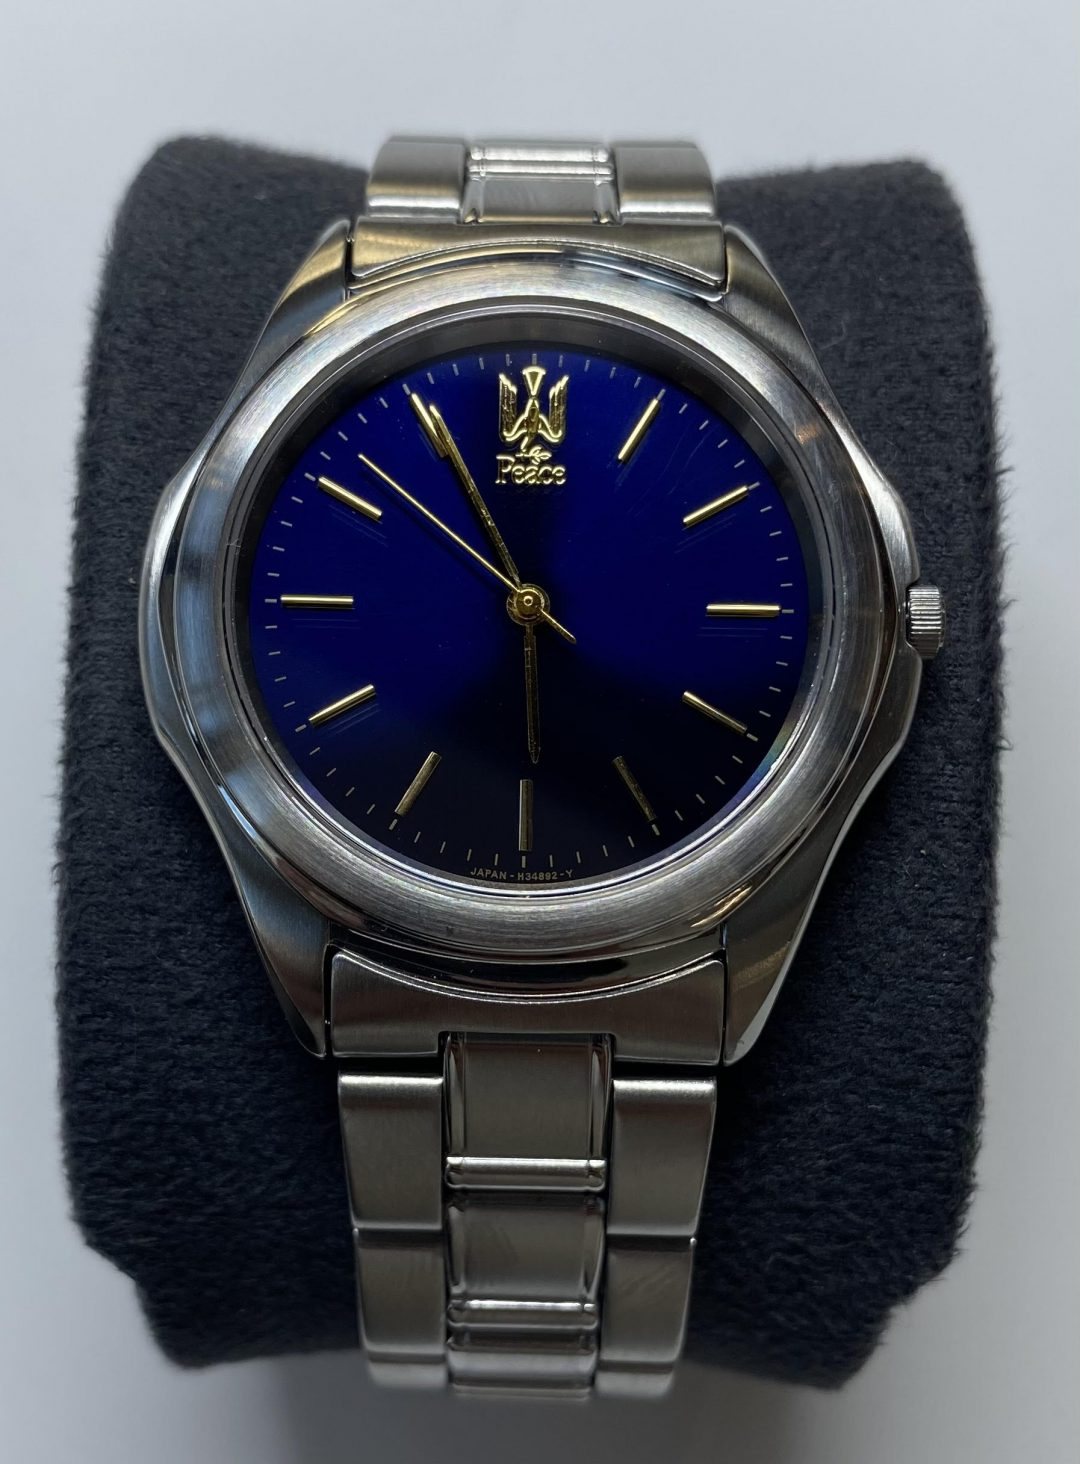 新潟市にある時計修理工房で非売品の時計をオーバーホールしました。